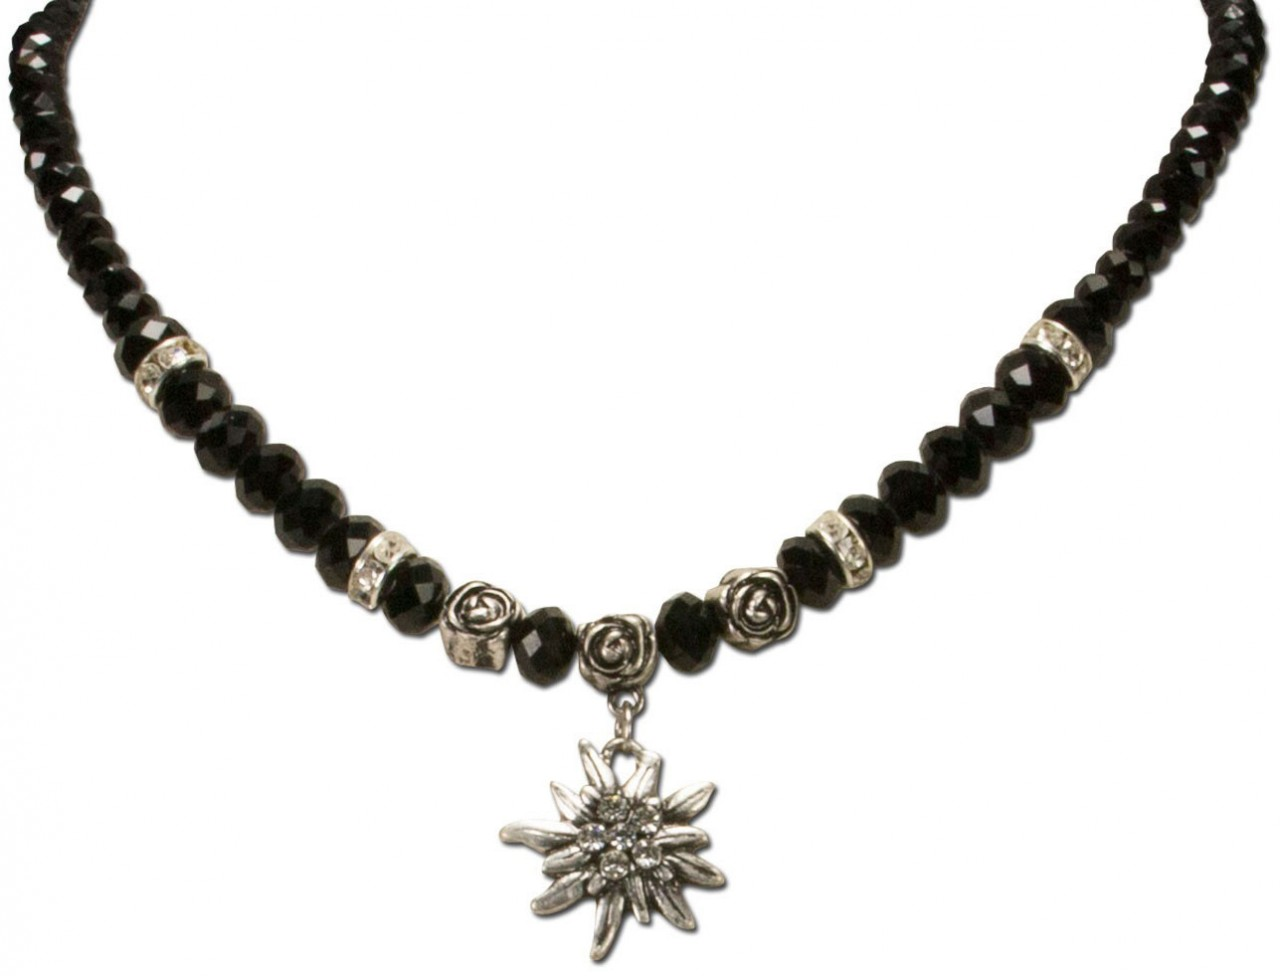 Perlenhalskette kleines Edelweiß schwarz